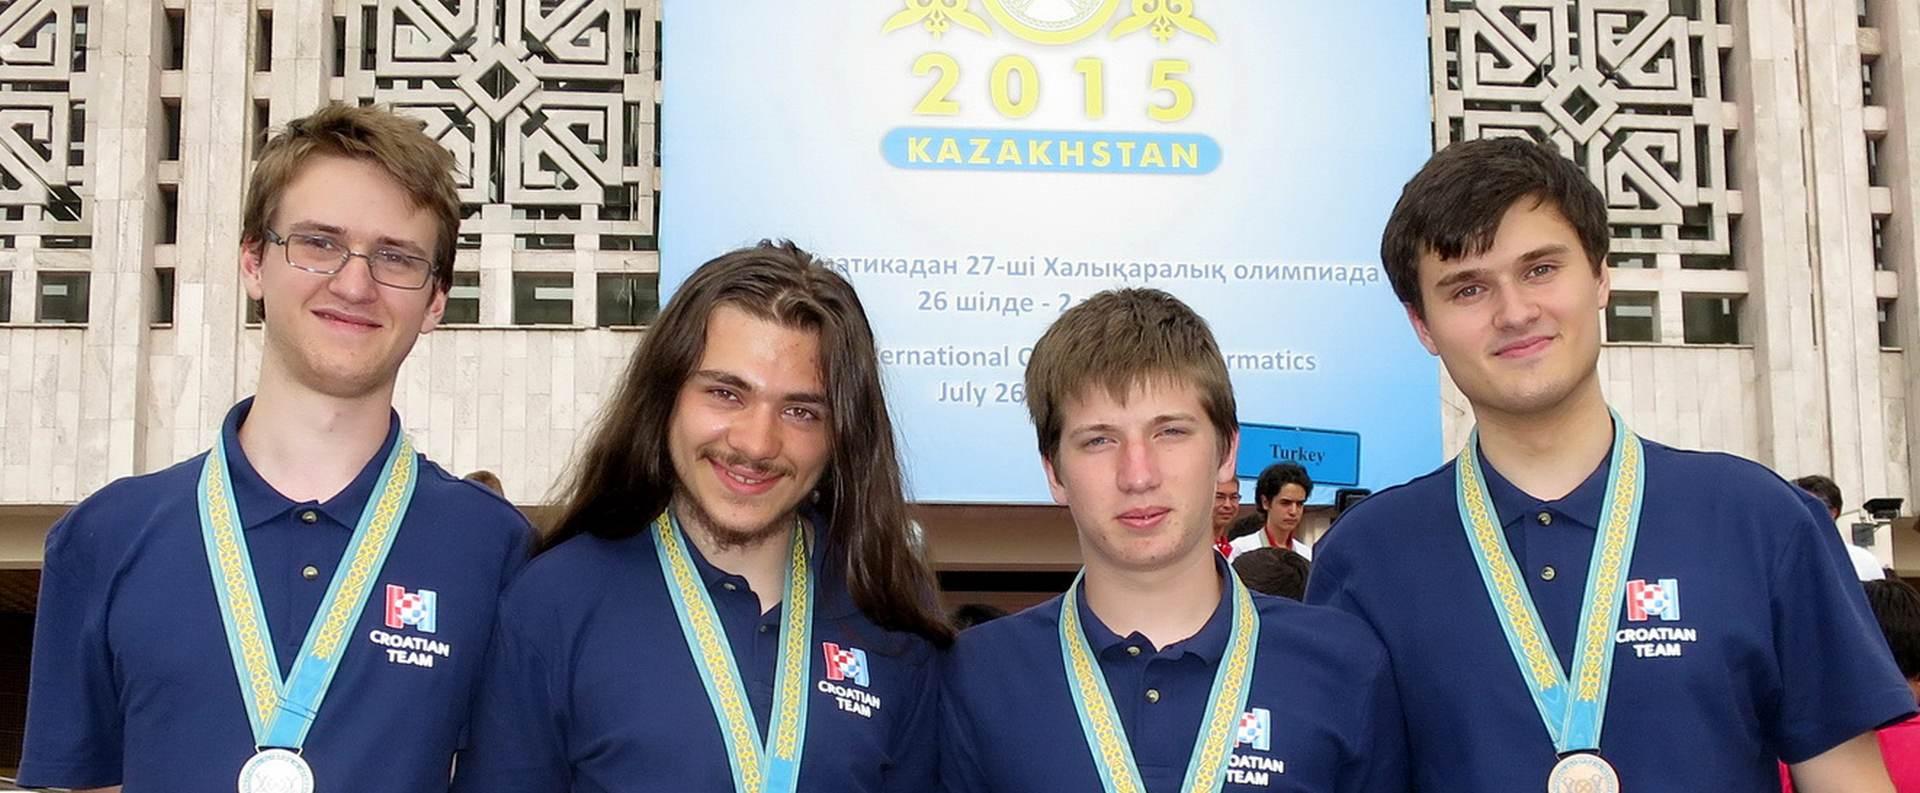 PONOS HRVATSKE:  Četiri medalje hrvatskim učenicima na svjetskoj Informatičkoj olimpijadi